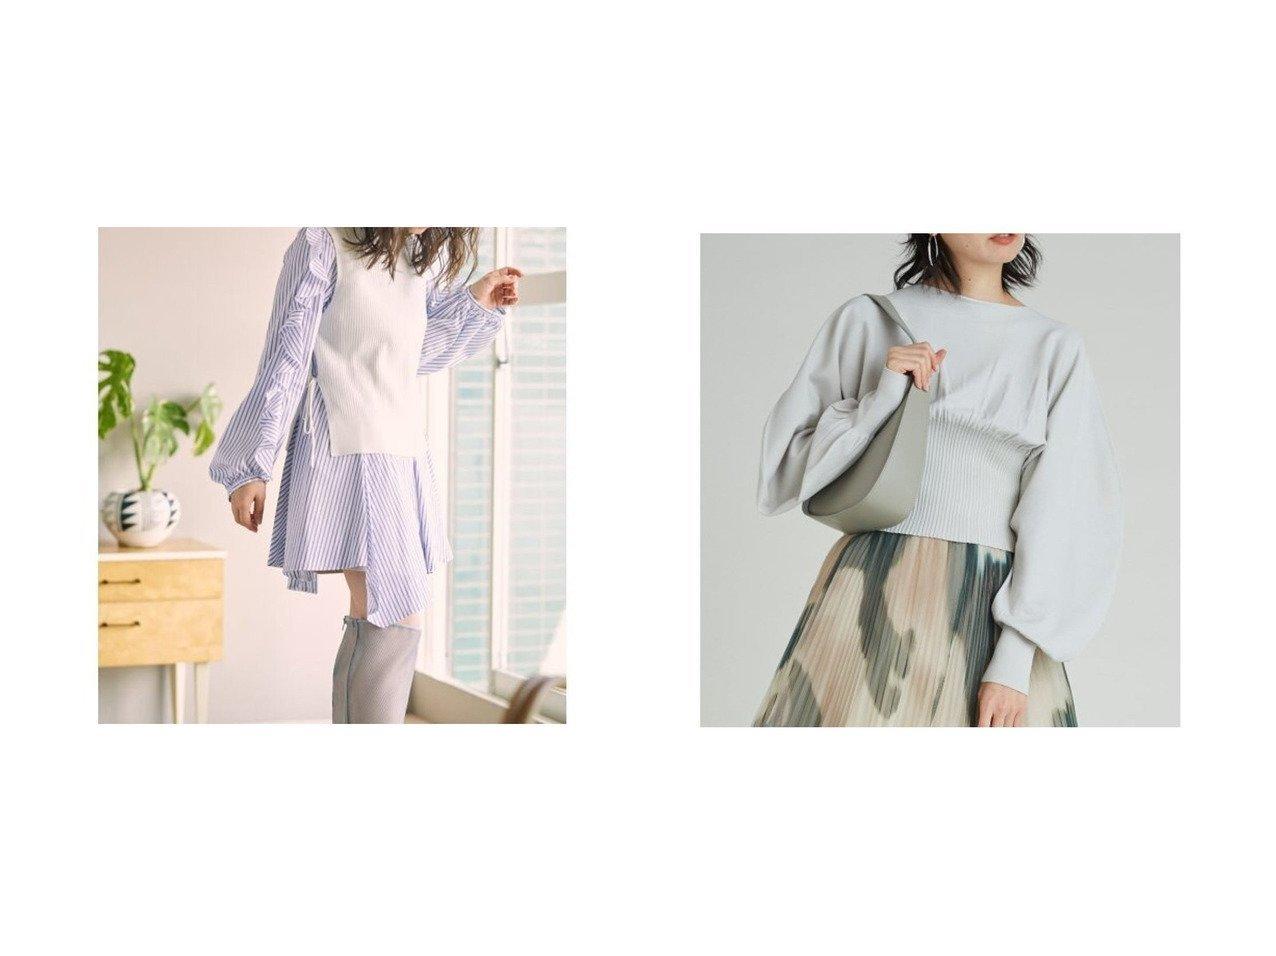 【SNIDEL/スナイデル】のウエストマークパターンニットプルオーバー&ニットドッキングパフスリブラウス トップス・カットソーのおすすめ!人気、トレンド・レディースファッションの通販  おすすめで人気の流行・トレンド、ファッションの通販商品 メンズファッション・キッズファッション・インテリア・家具・レディースファッション・服の通販 founy(ファニー) https://founy.com/ ファッション Fashion レディースファッション WOMEN トップス Tops Tshirt ニット Knit Tops シャツ/ブラウス Shirts Blouses プルオーバー Pullover イレギュラーヘム 春 Spring コンパクト シンプル スマート セパレート デニム トレンド ドッキング バランス フェミニン フリル ベスト ミックス モックネック 2021年 2021 S/S 春夏 SS Spring/Summer 2021 春夏 S/S SS Spring/Summer 2021 |ID:crp329100000014211